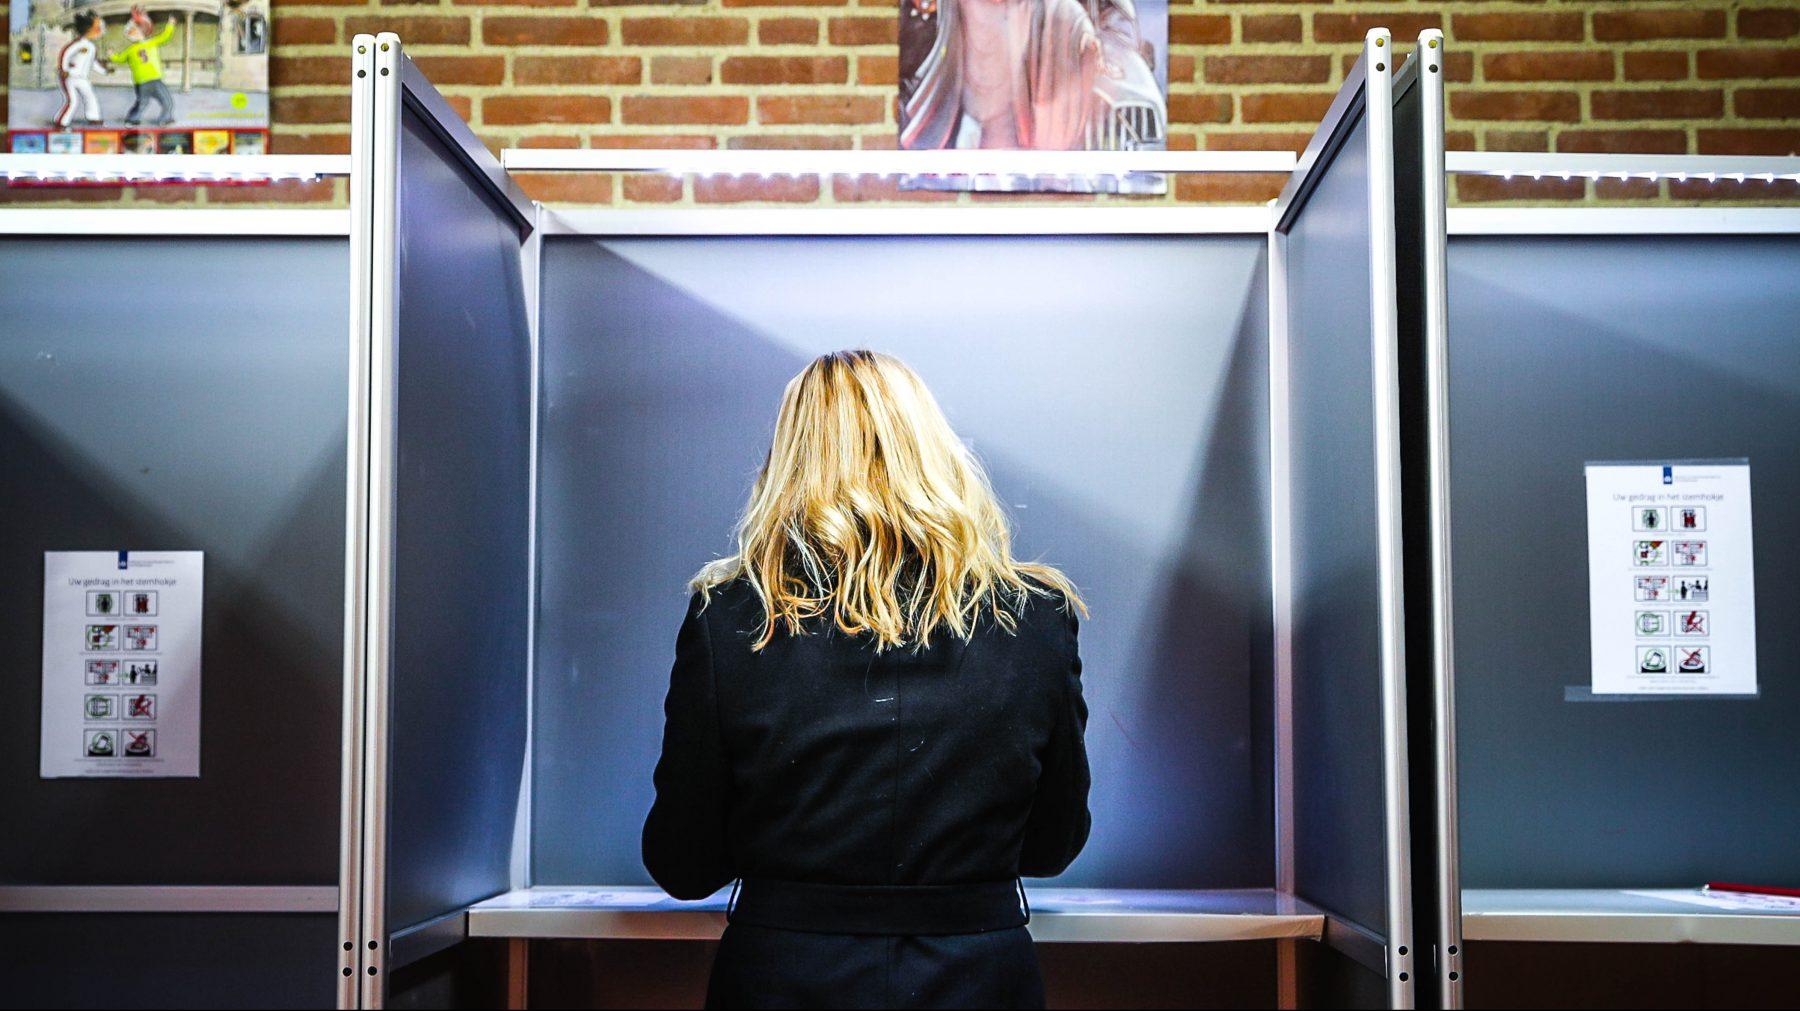 stemmen op een vrouw